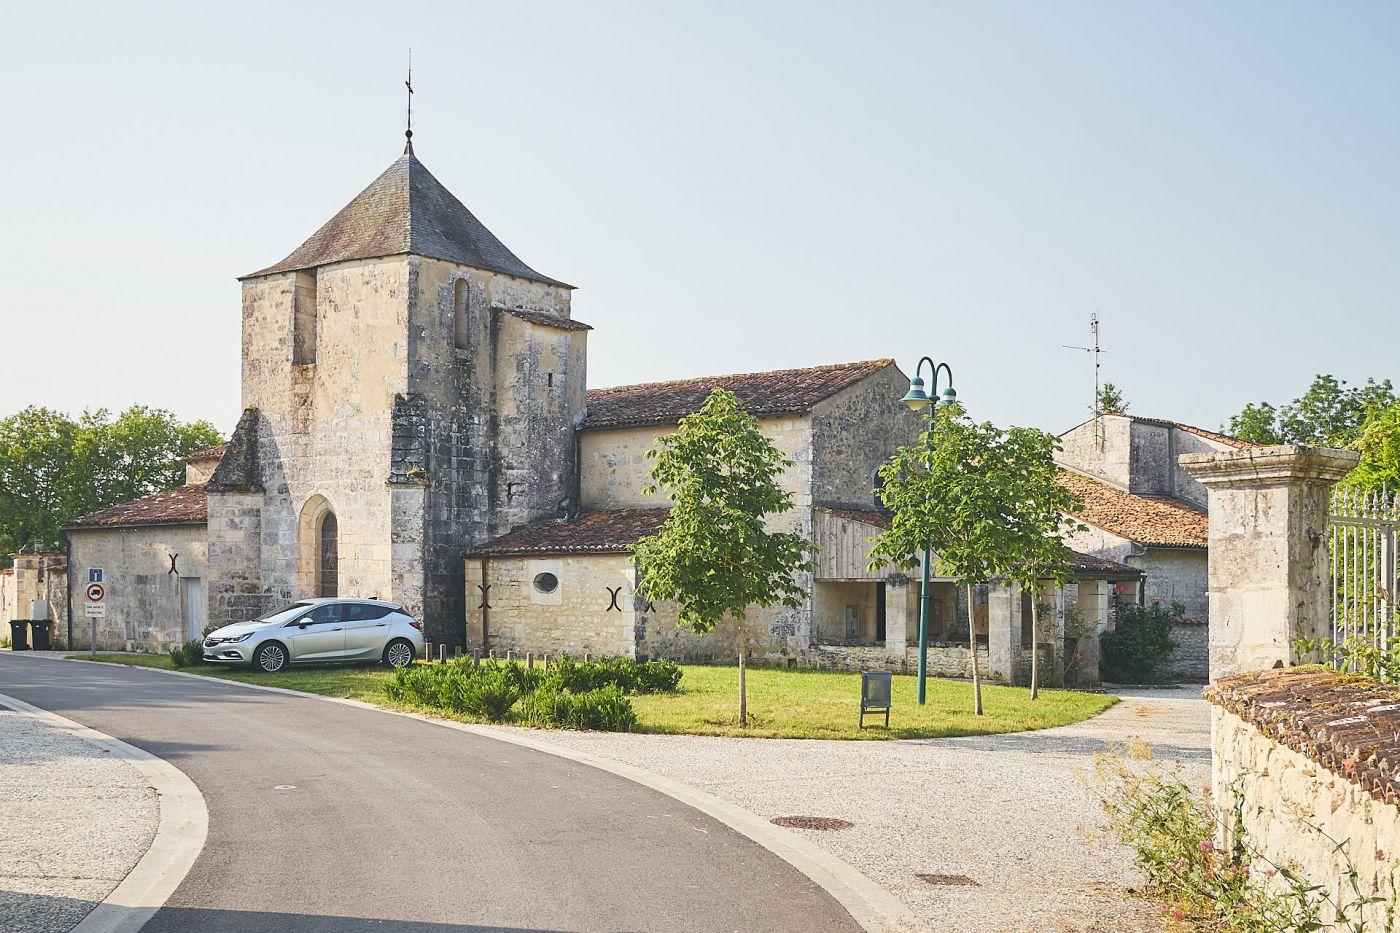 Eglise Bussac sur Charente